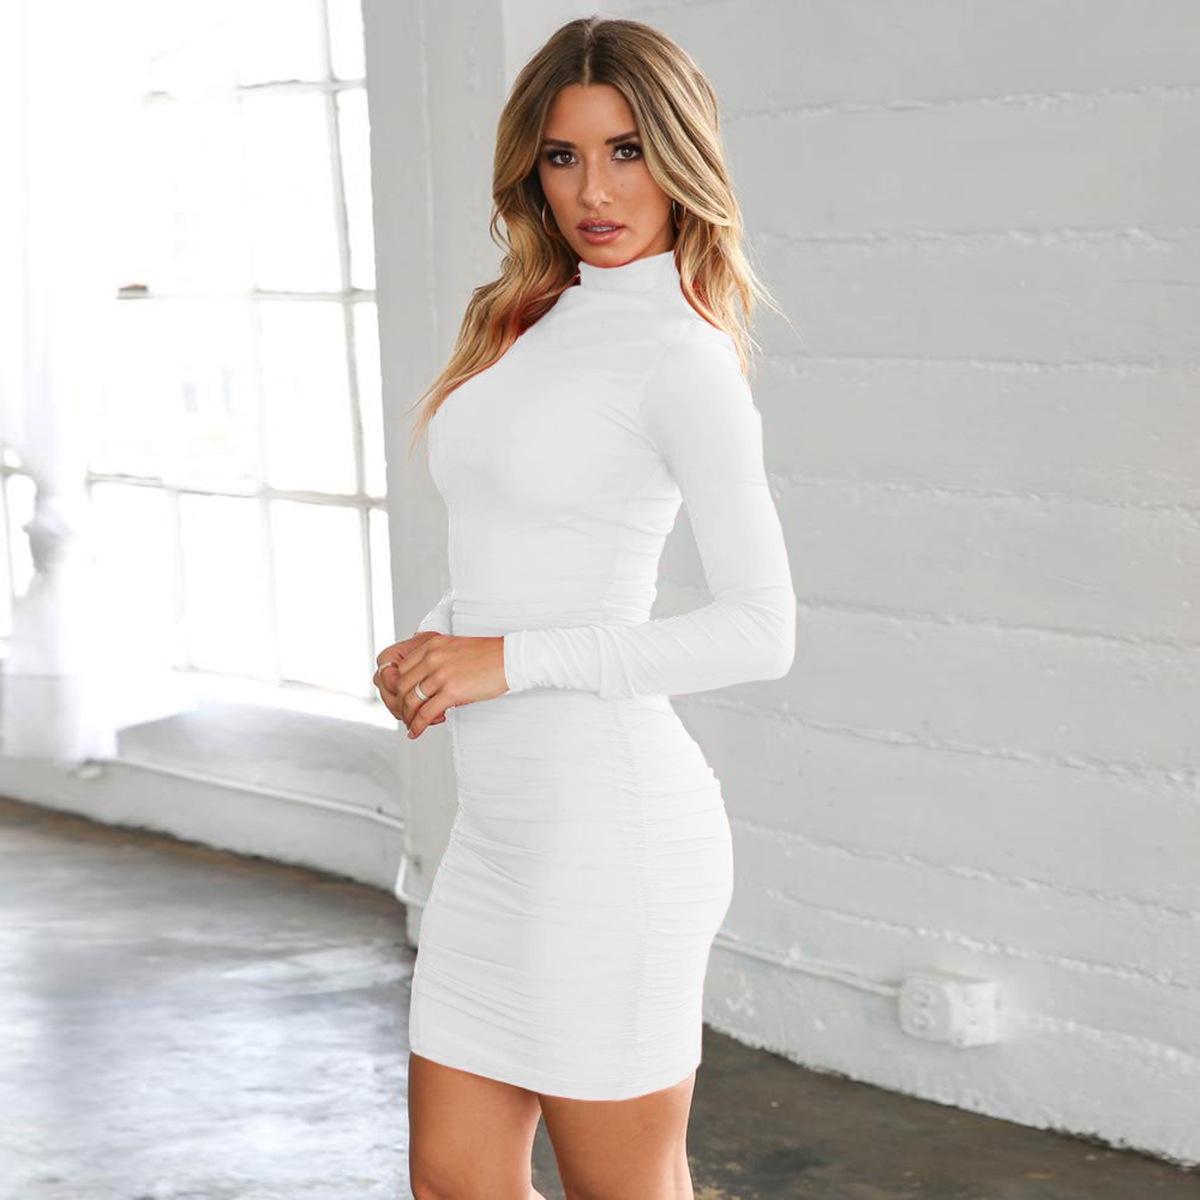 oYllL 8126 сексуальный высокий воротник длинный рукав плотно плиссированной платье платье осенью и зимой XL